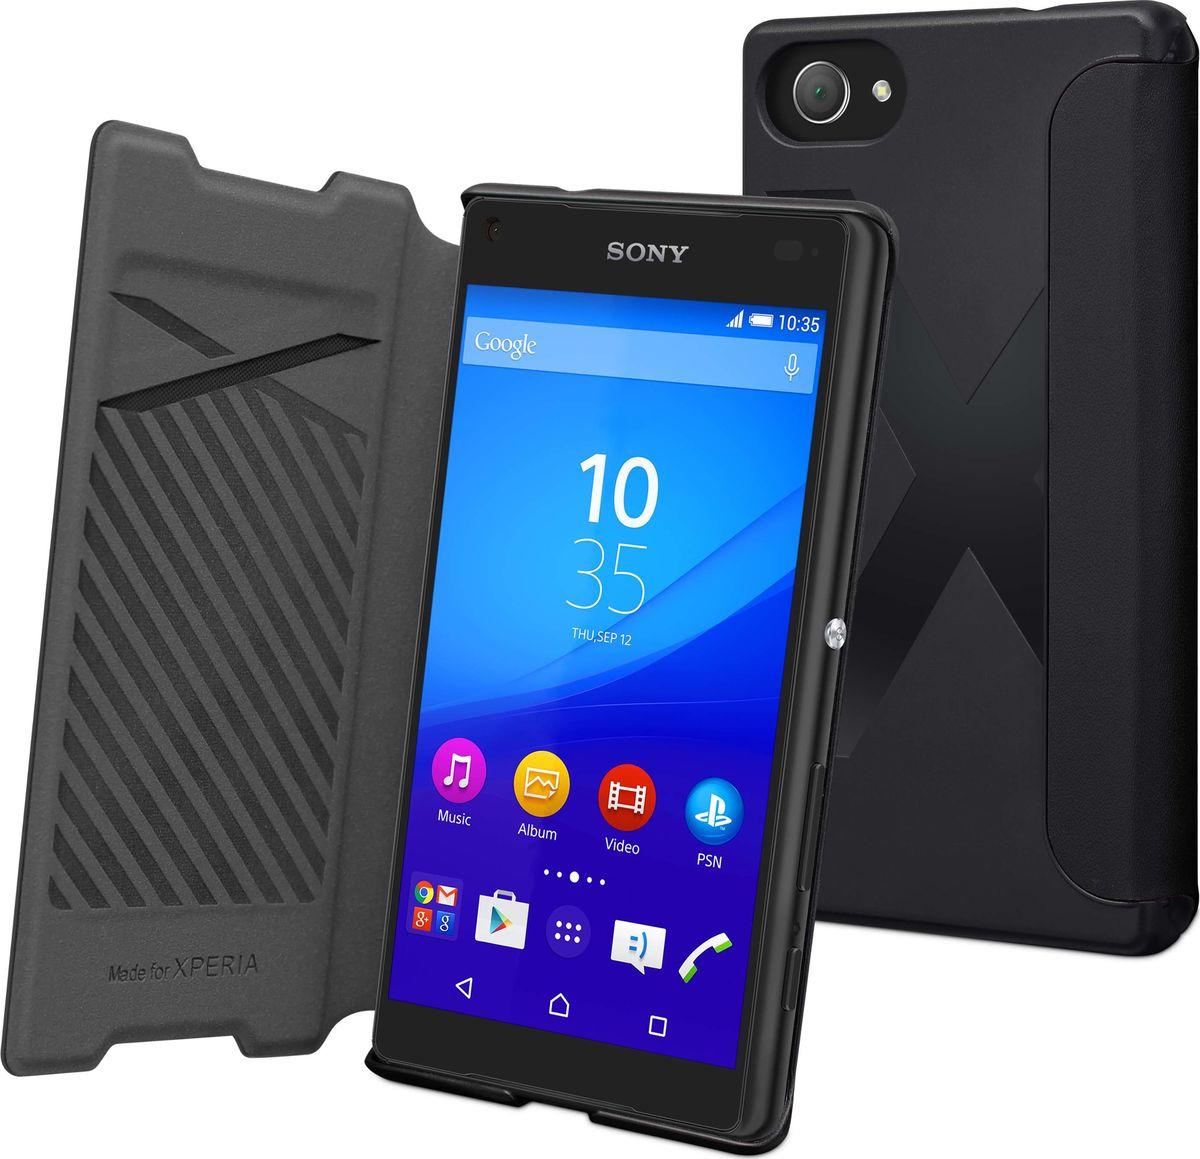 Чехол для сотового телефона Muvit MFX Easy Folio Case для Sony Xperia Z5 Compact, SEEAF0034, черный